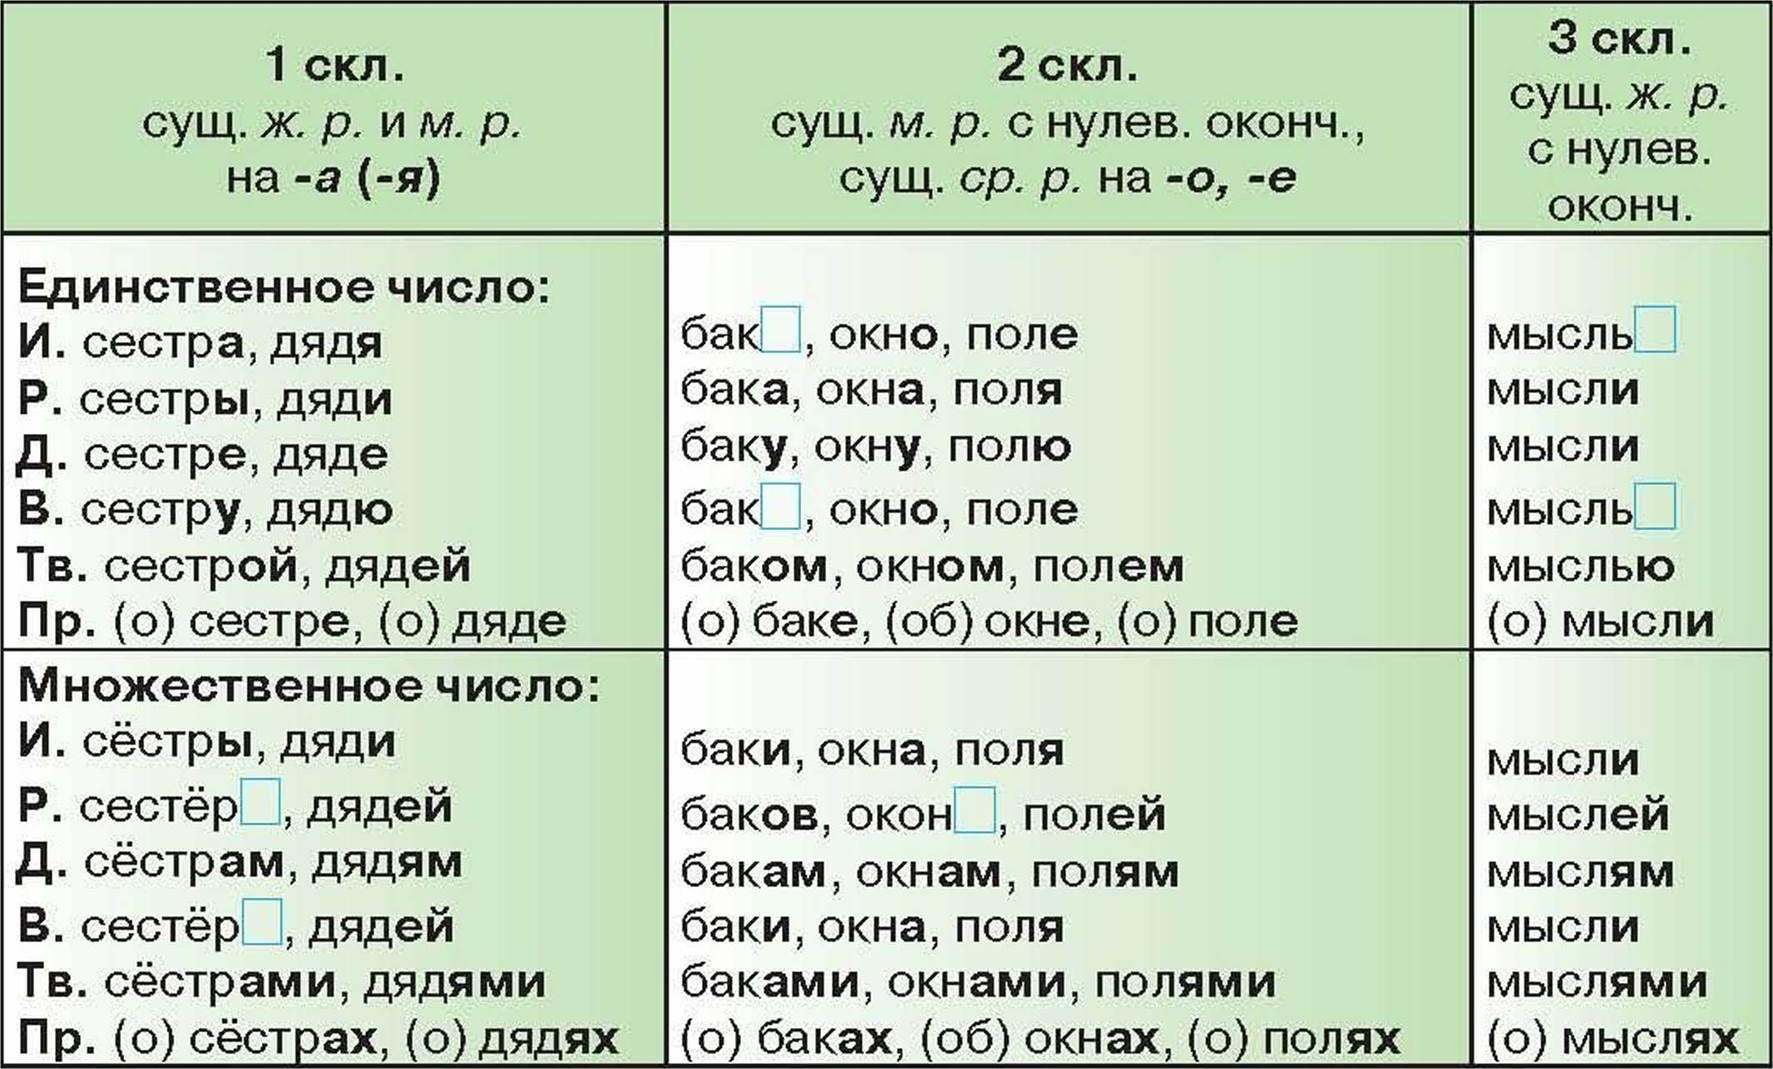 Список biss ключей и кодов для просмотра спутниковых каналов